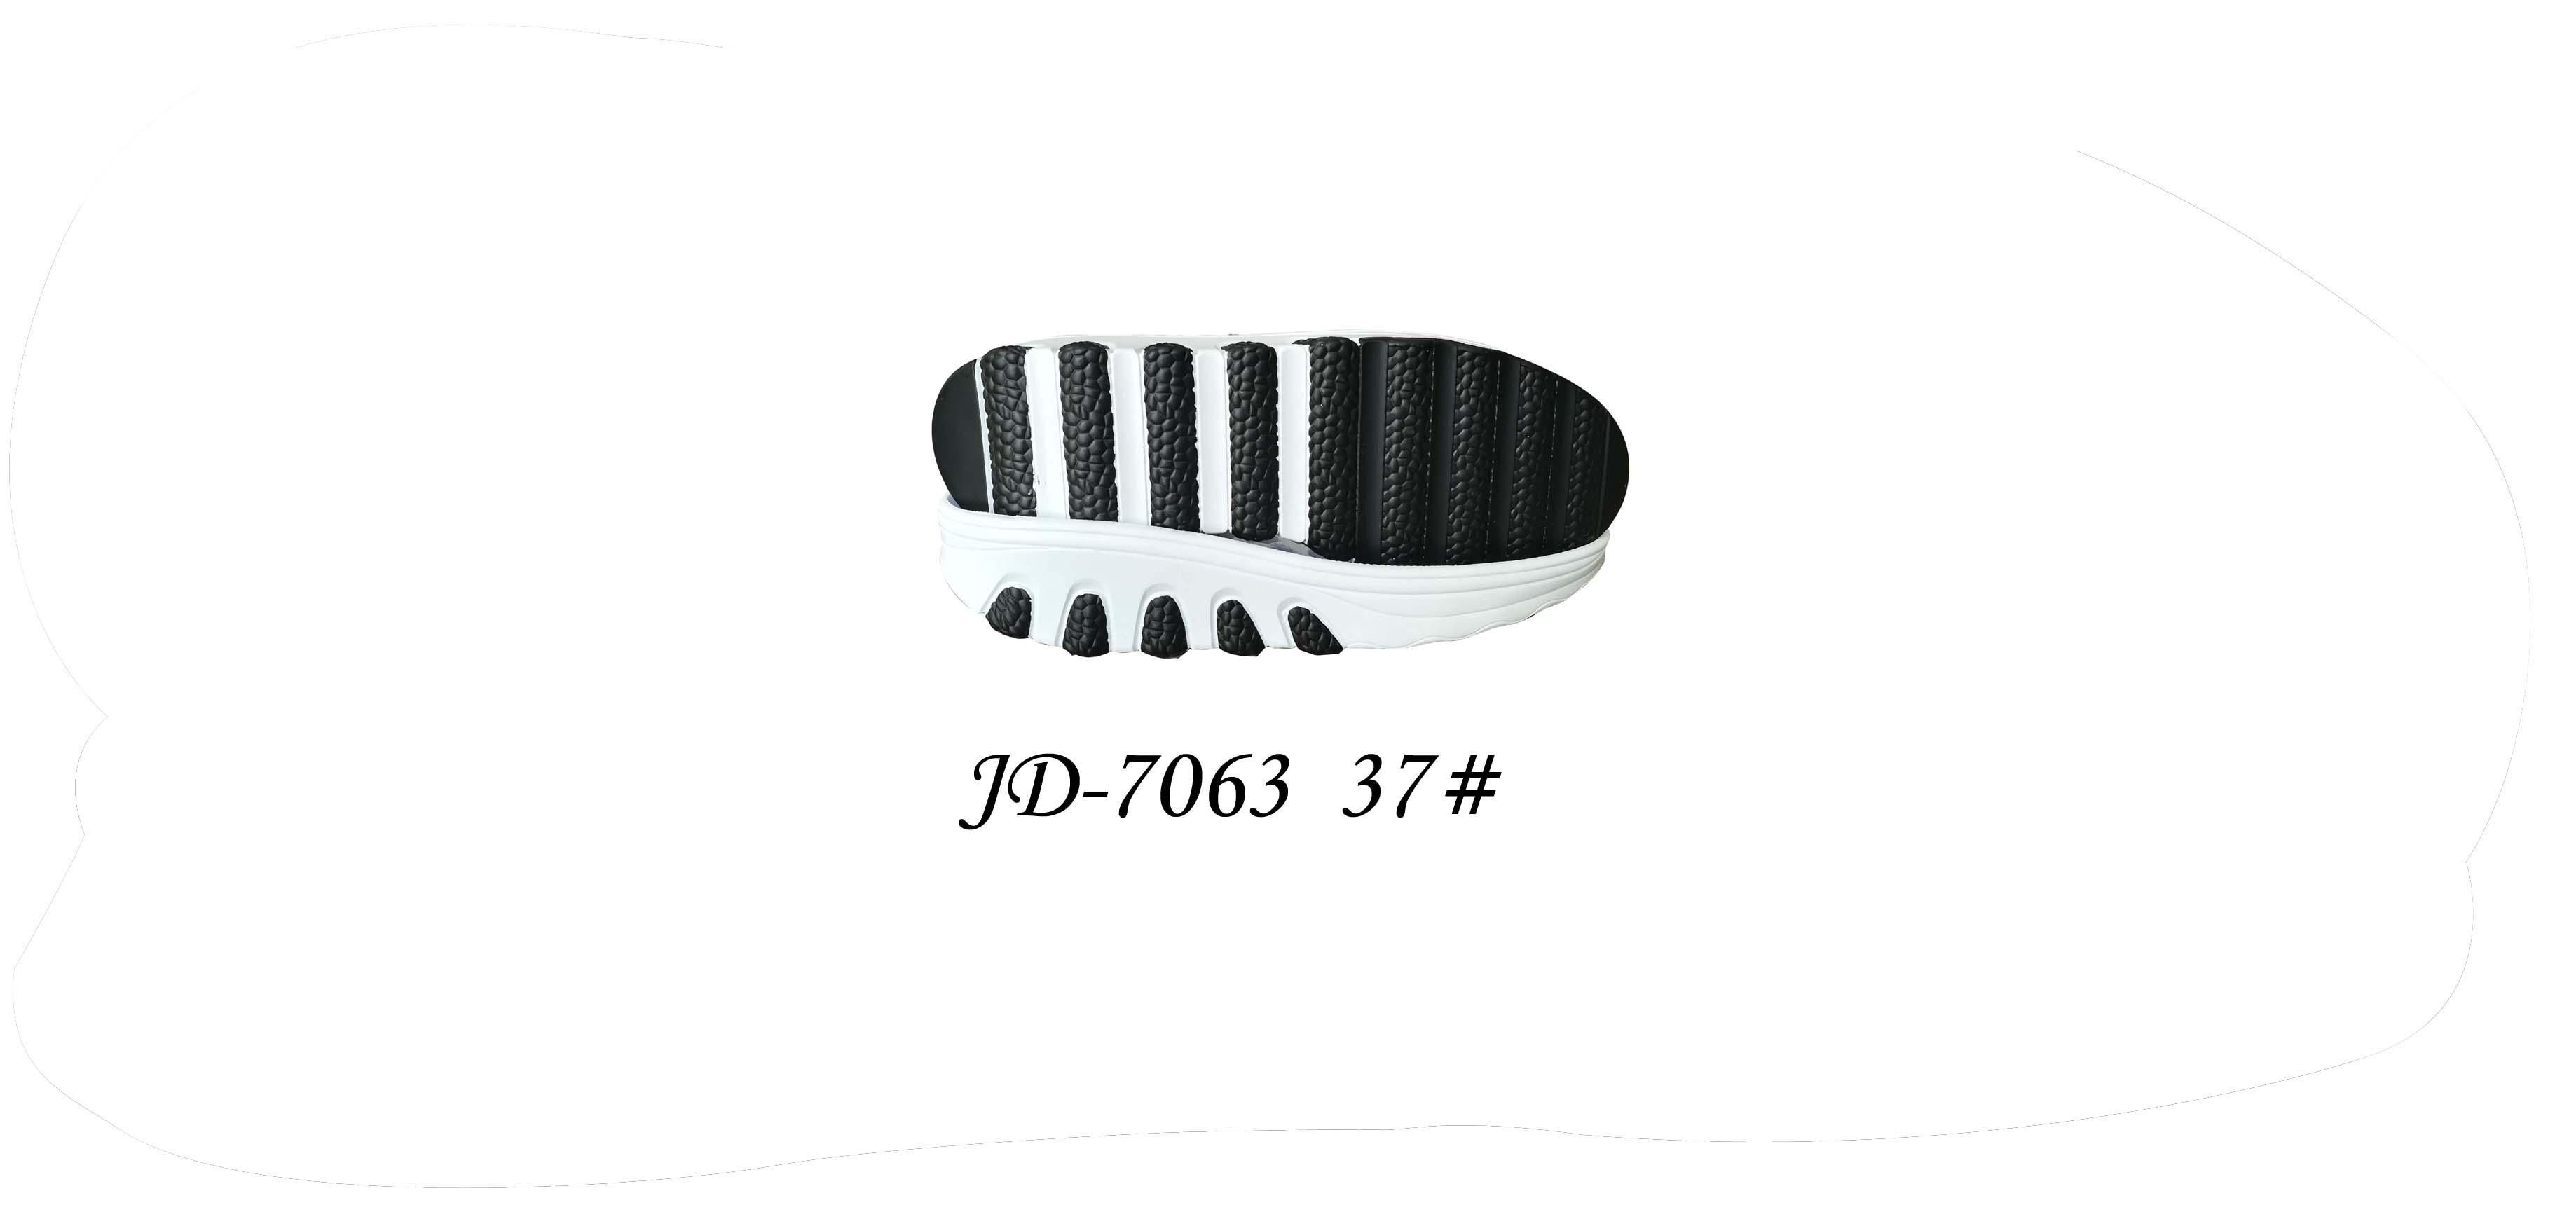 鞋底 PU 女段 休闲鞋 三色 双色 37 一体 JD-7063